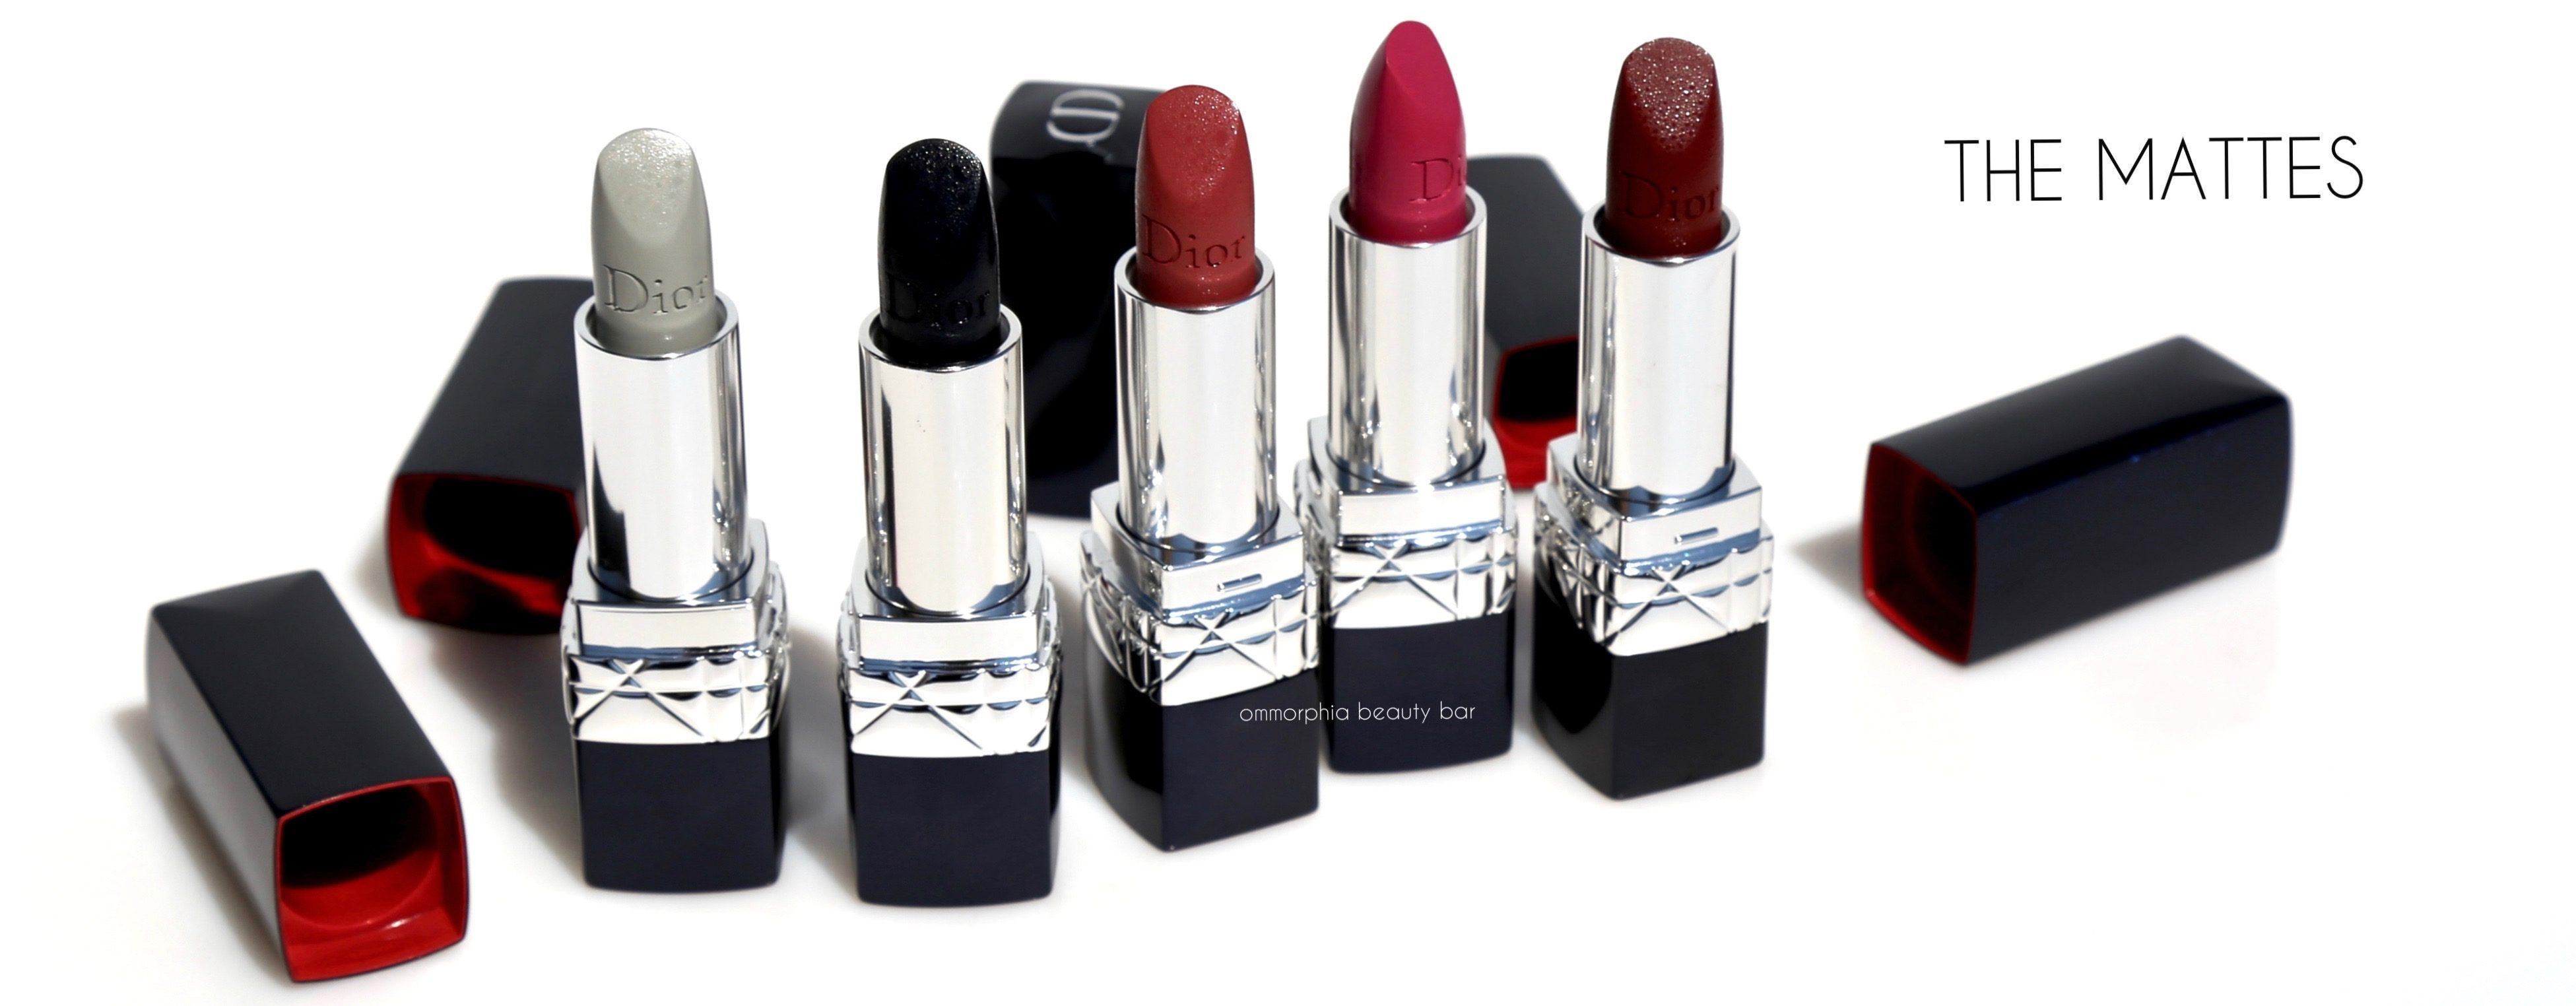 Dior · Rouge Dior | ommorphia beauty bar